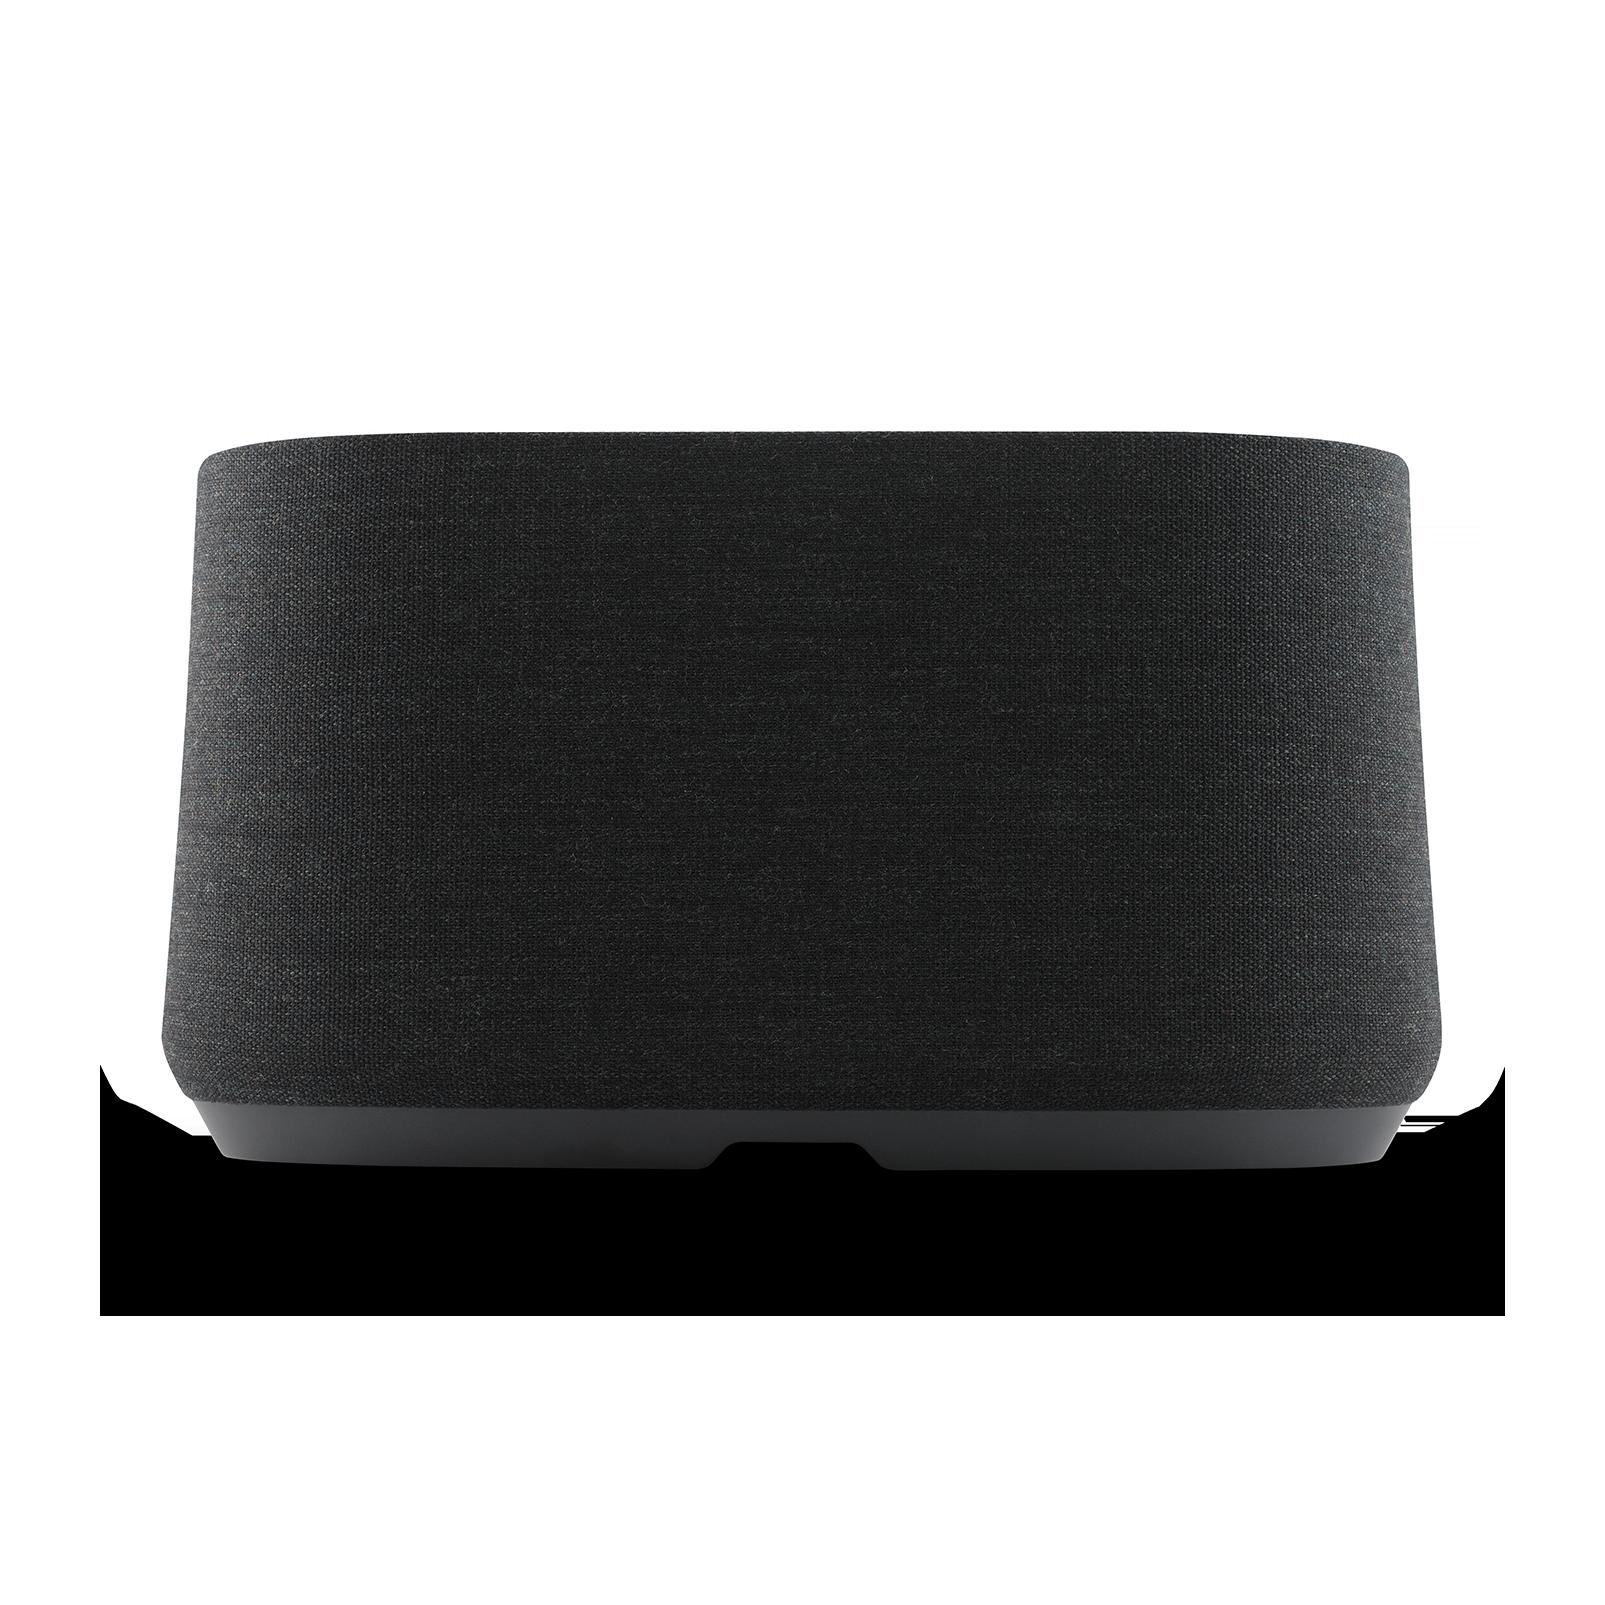 Harman Kardon Citation 500 - Black - Large Tabletop Smart Home Loudspeaker System - Back